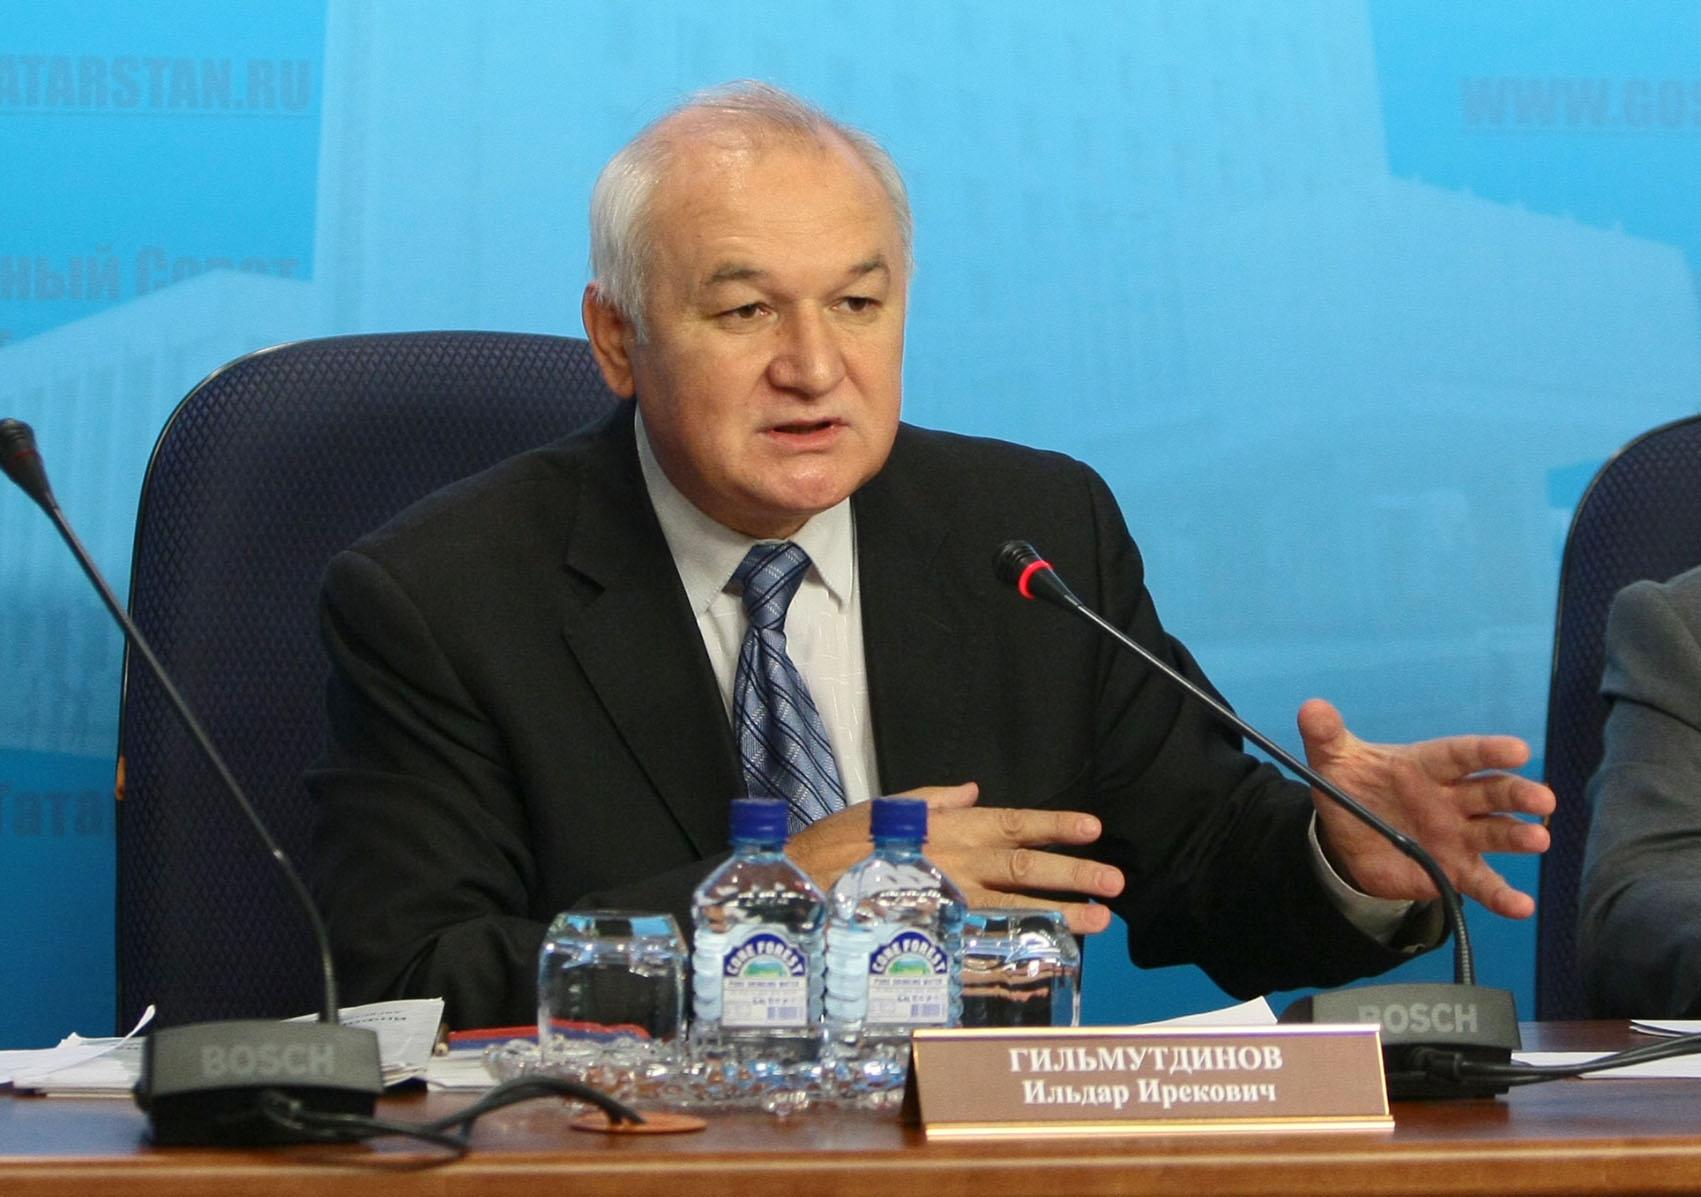 Ильдар Гильмутдинов возглавил Комитет поделам национальностей эксклюзив